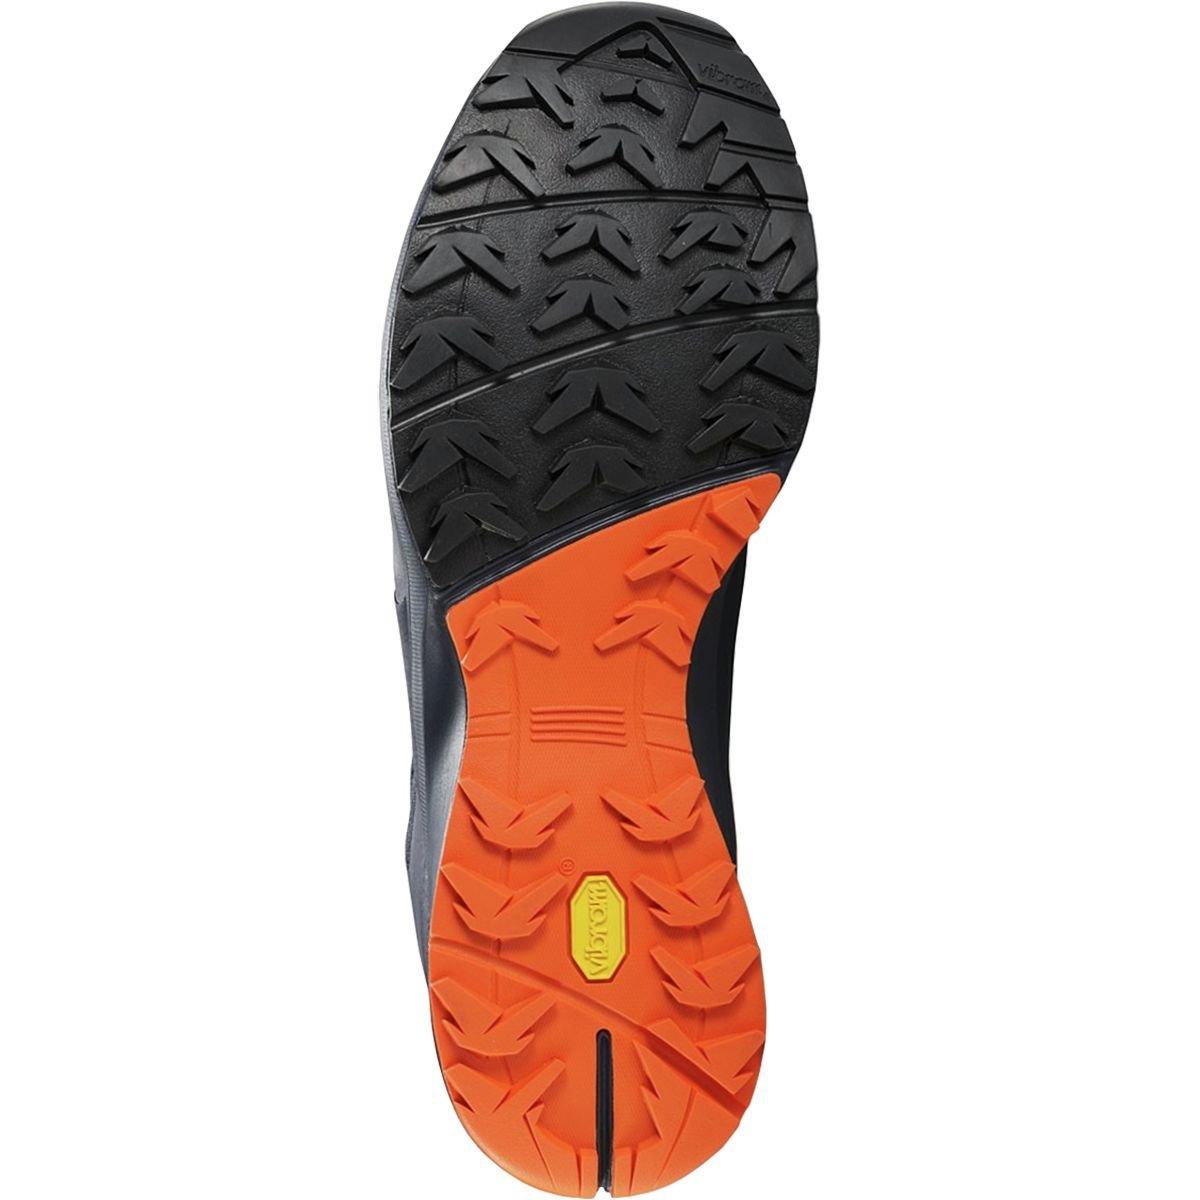 Arcteryx Herren Herren Herren Norvan VT GTX Schuhe Laufschuhe Trailrunning-Schuhe a70419